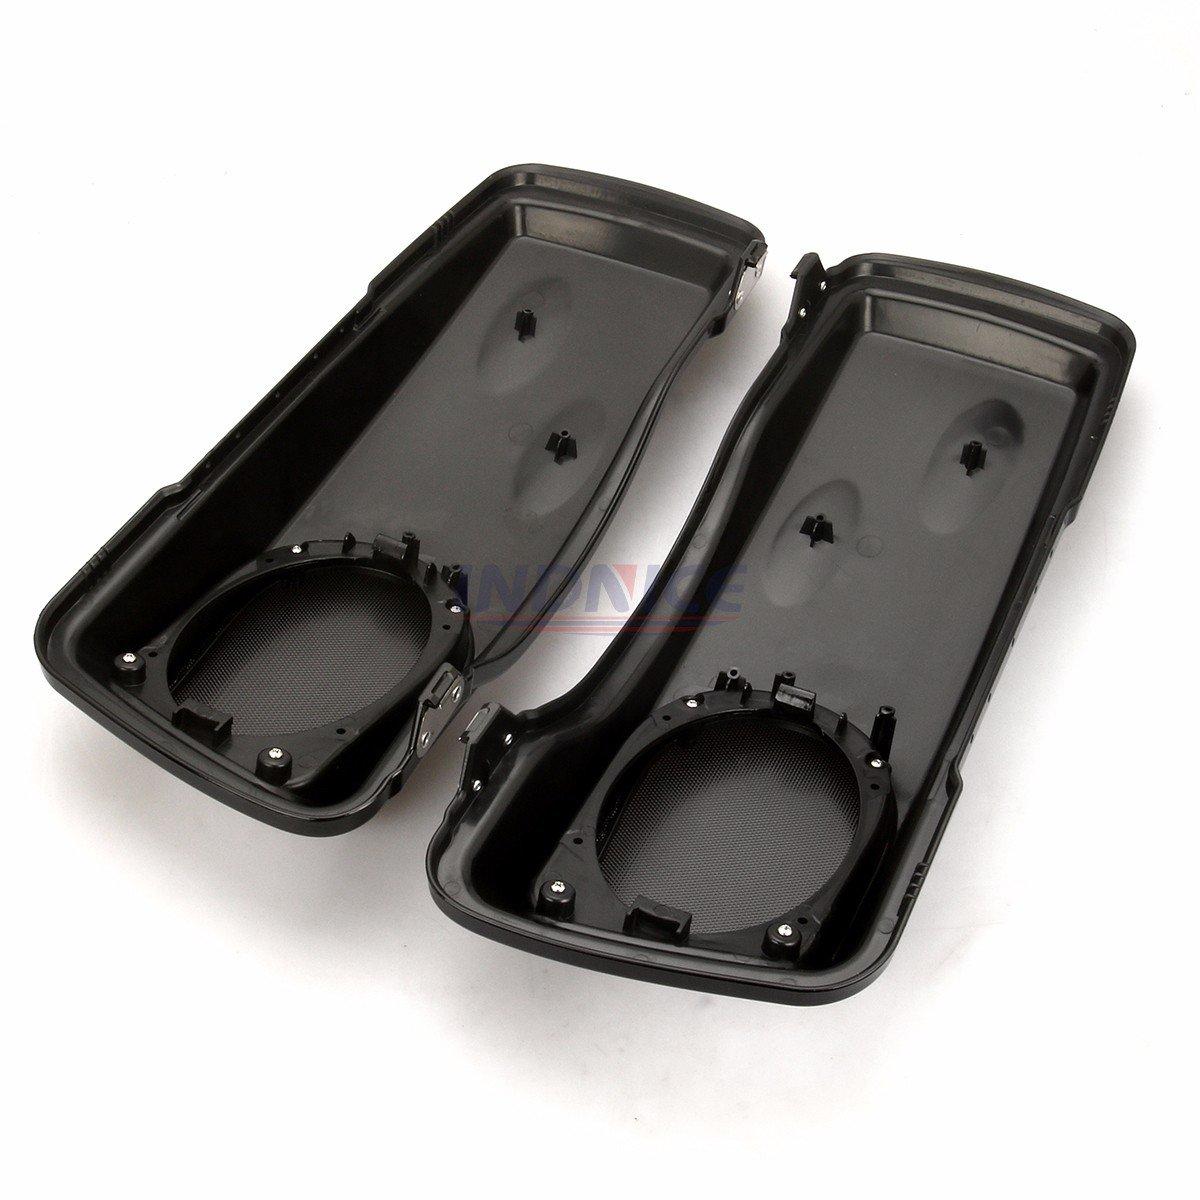 couvercle de sacoche de haut-parleur Electra Glide Street Glide FLH FLTR FLHX FLHR 93-13 Couvertures de sacoches de haut-parleur CVO Style 5x7 pour Harley Road King 93-13